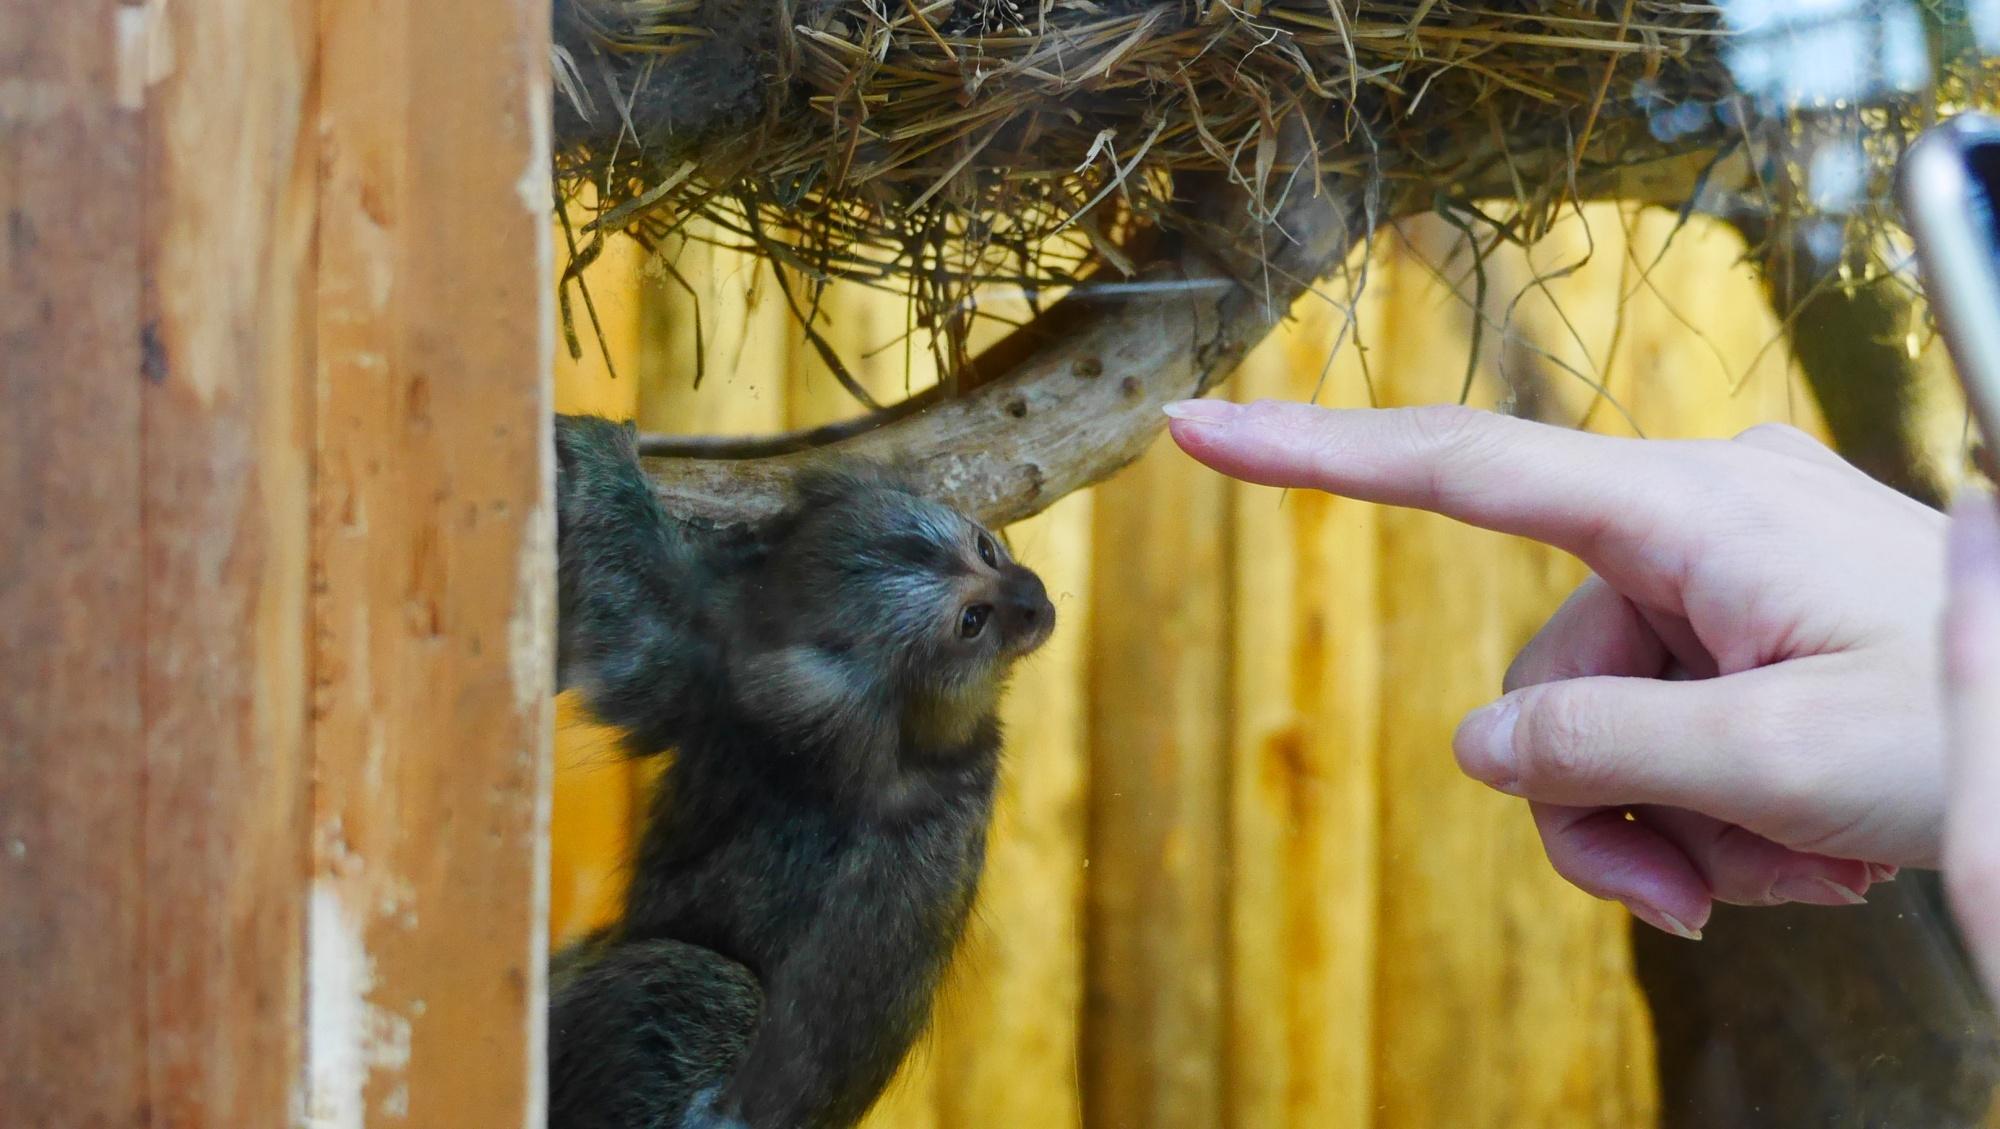 コモンマーモセットの赤ちゃん指を見てる